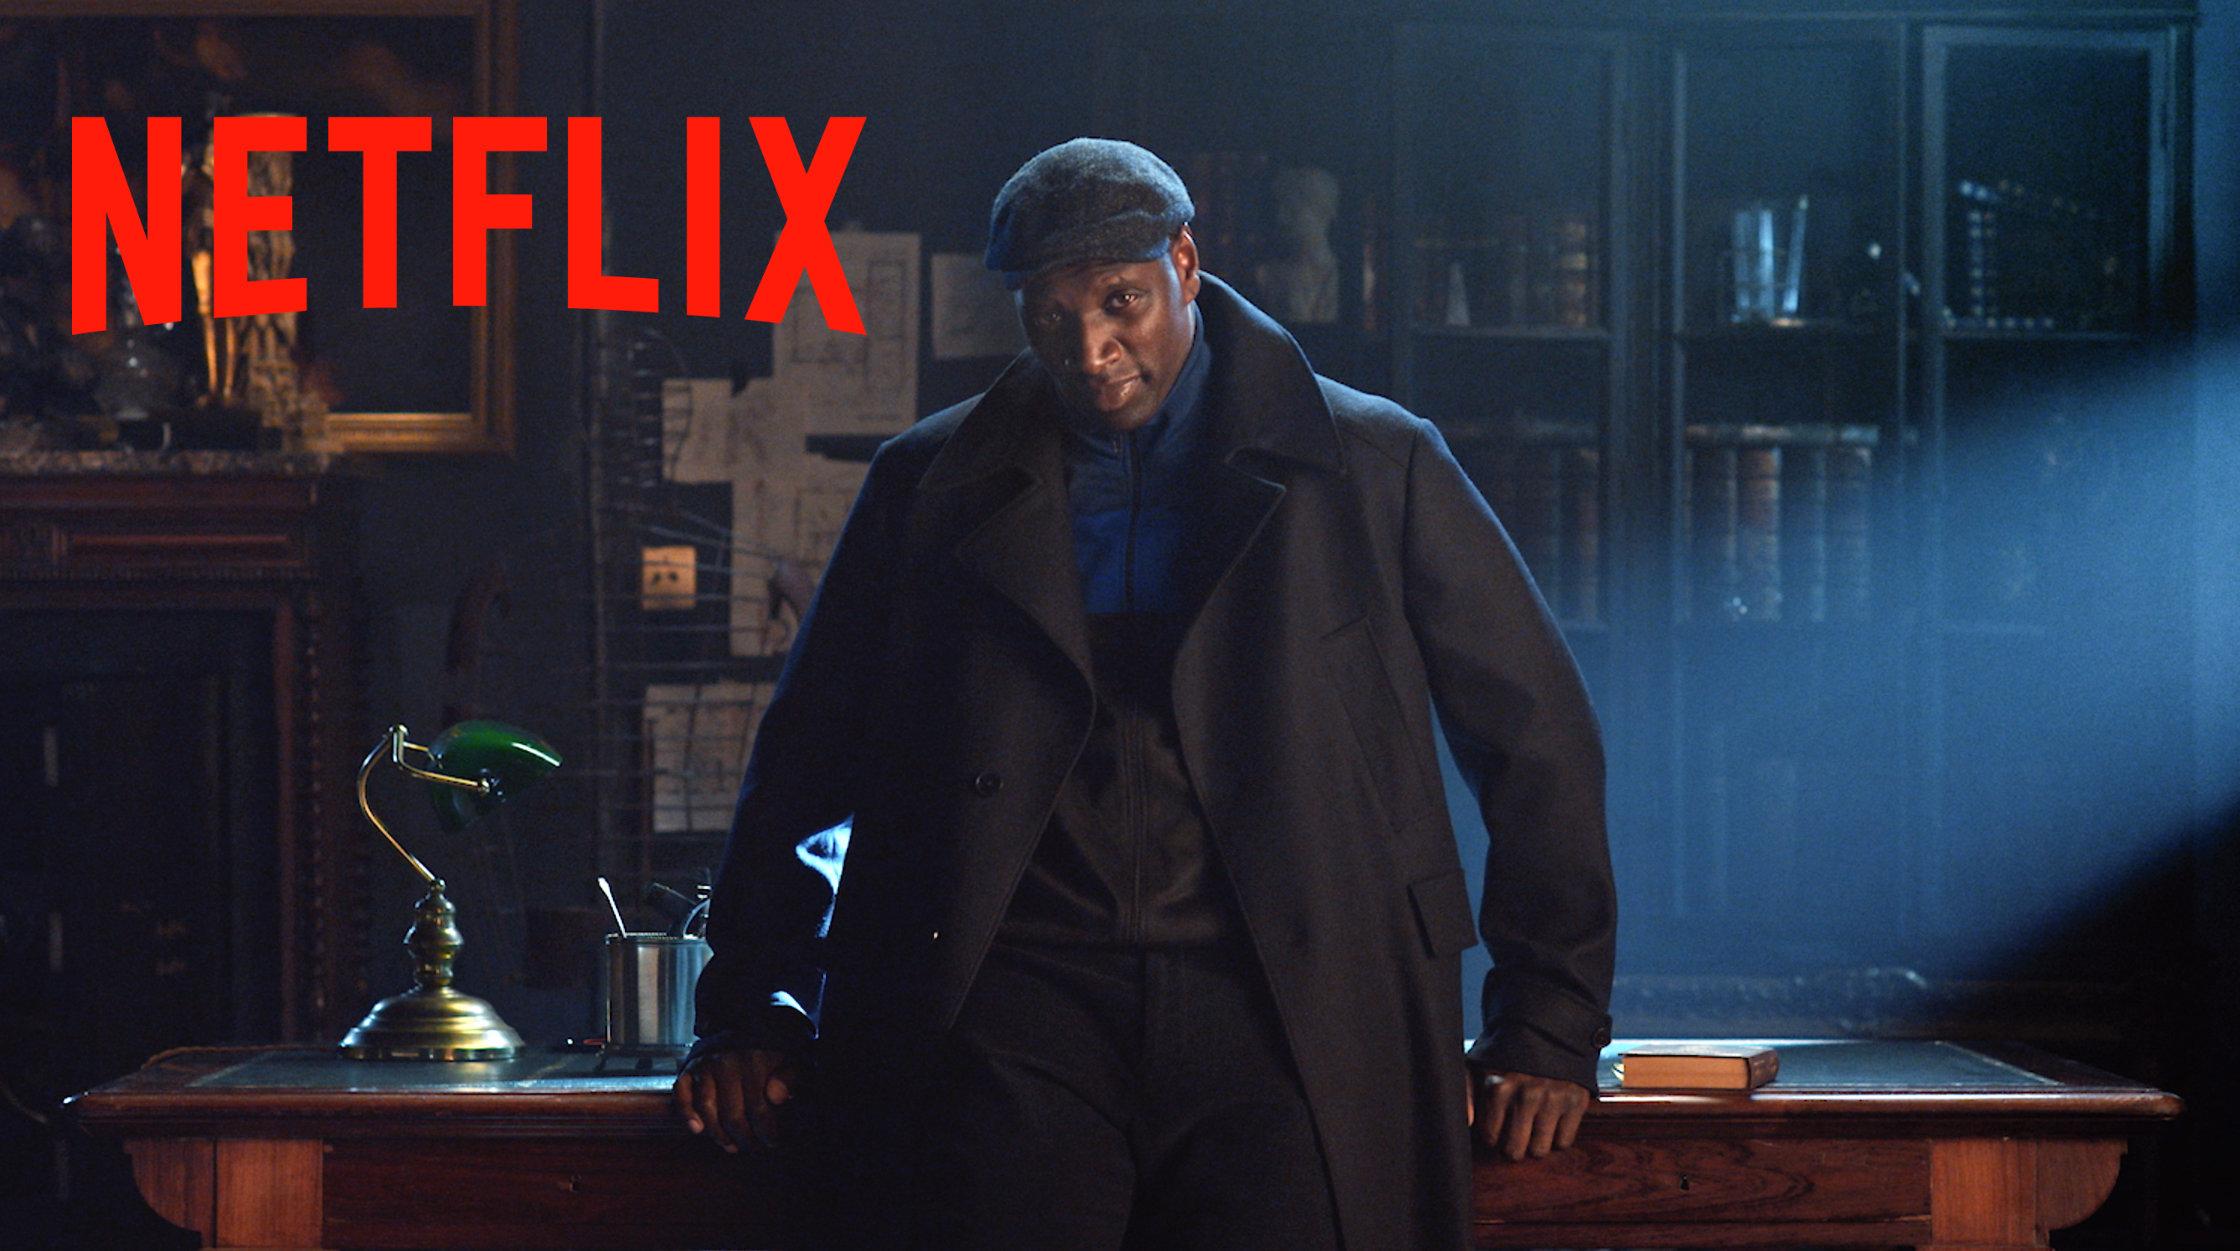 Netflix dépasse les 200 millions d'abonnés grâce à ses séries à succès